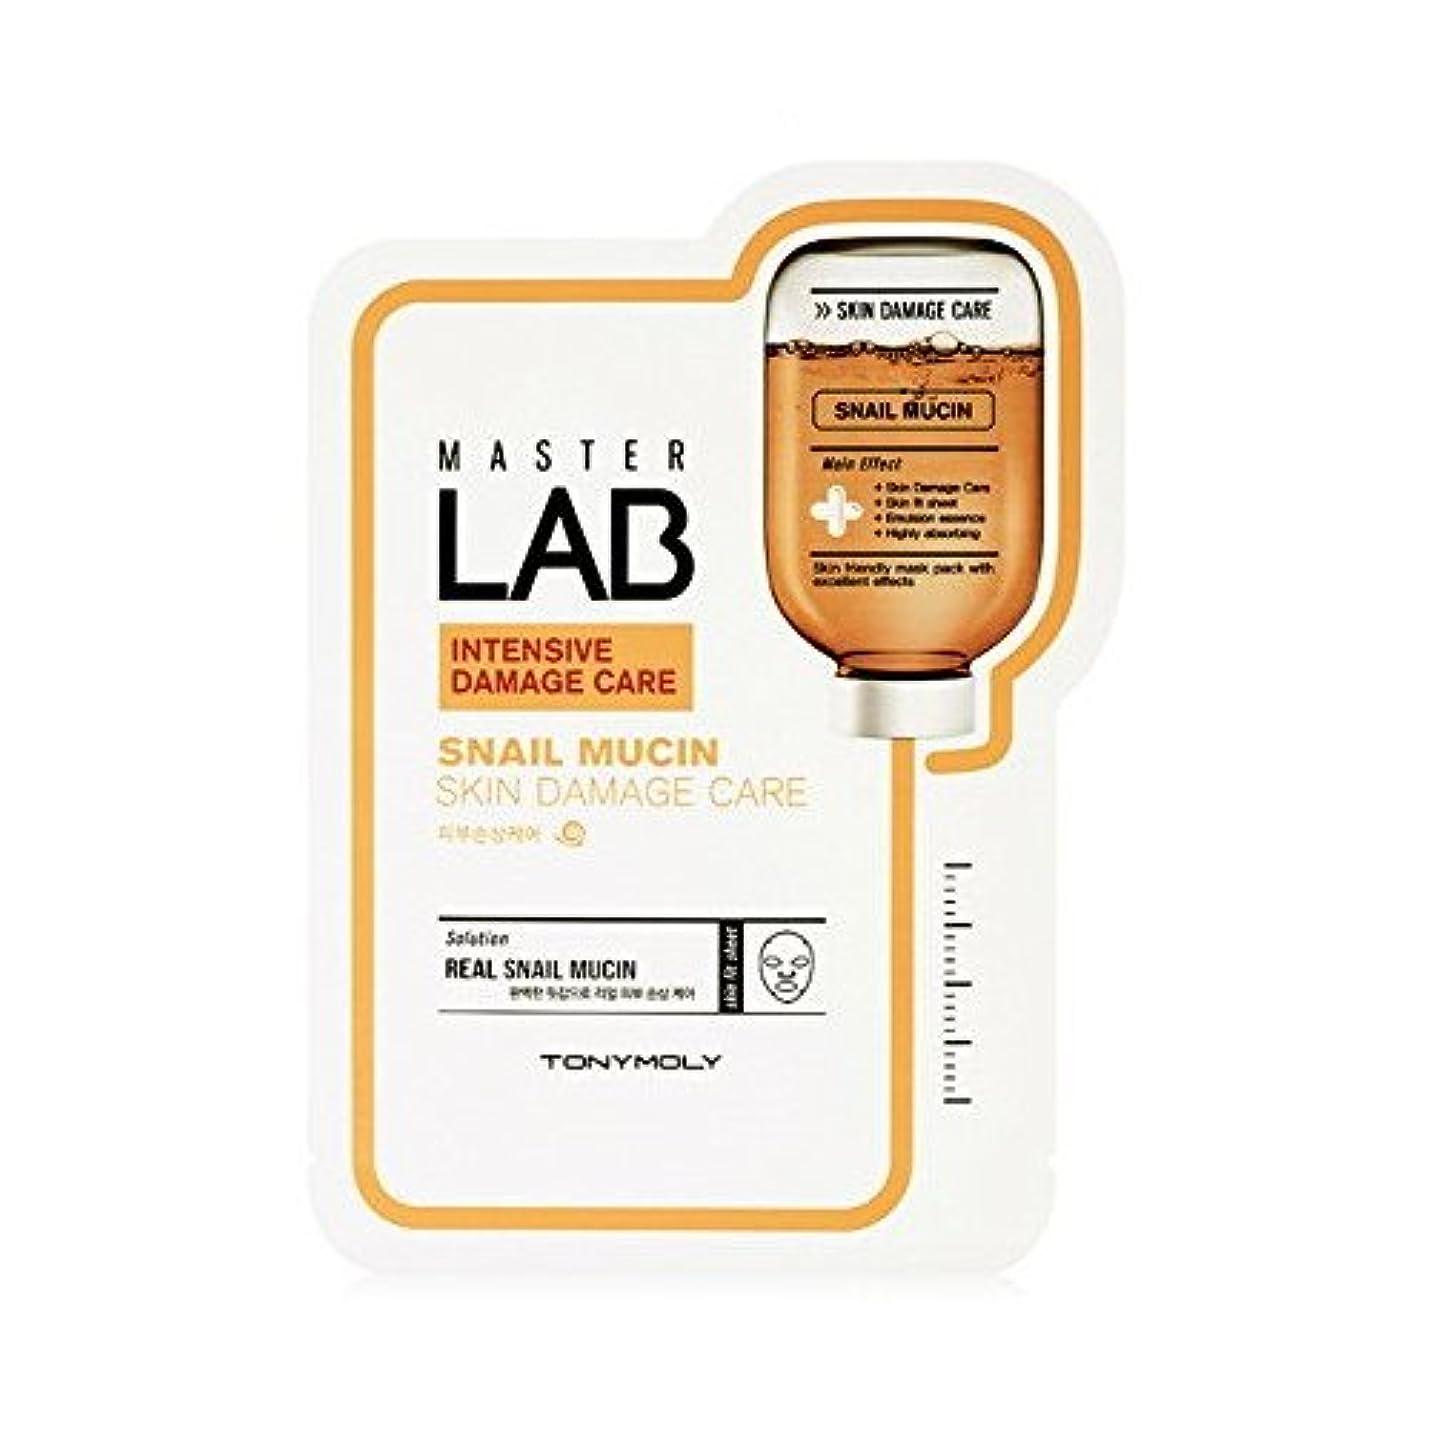 漏れ危険主観的(3 Pack) TONYMOLY Master Lab Mask - Snail Mucin (Skin Damage Care) (並行輸入品)